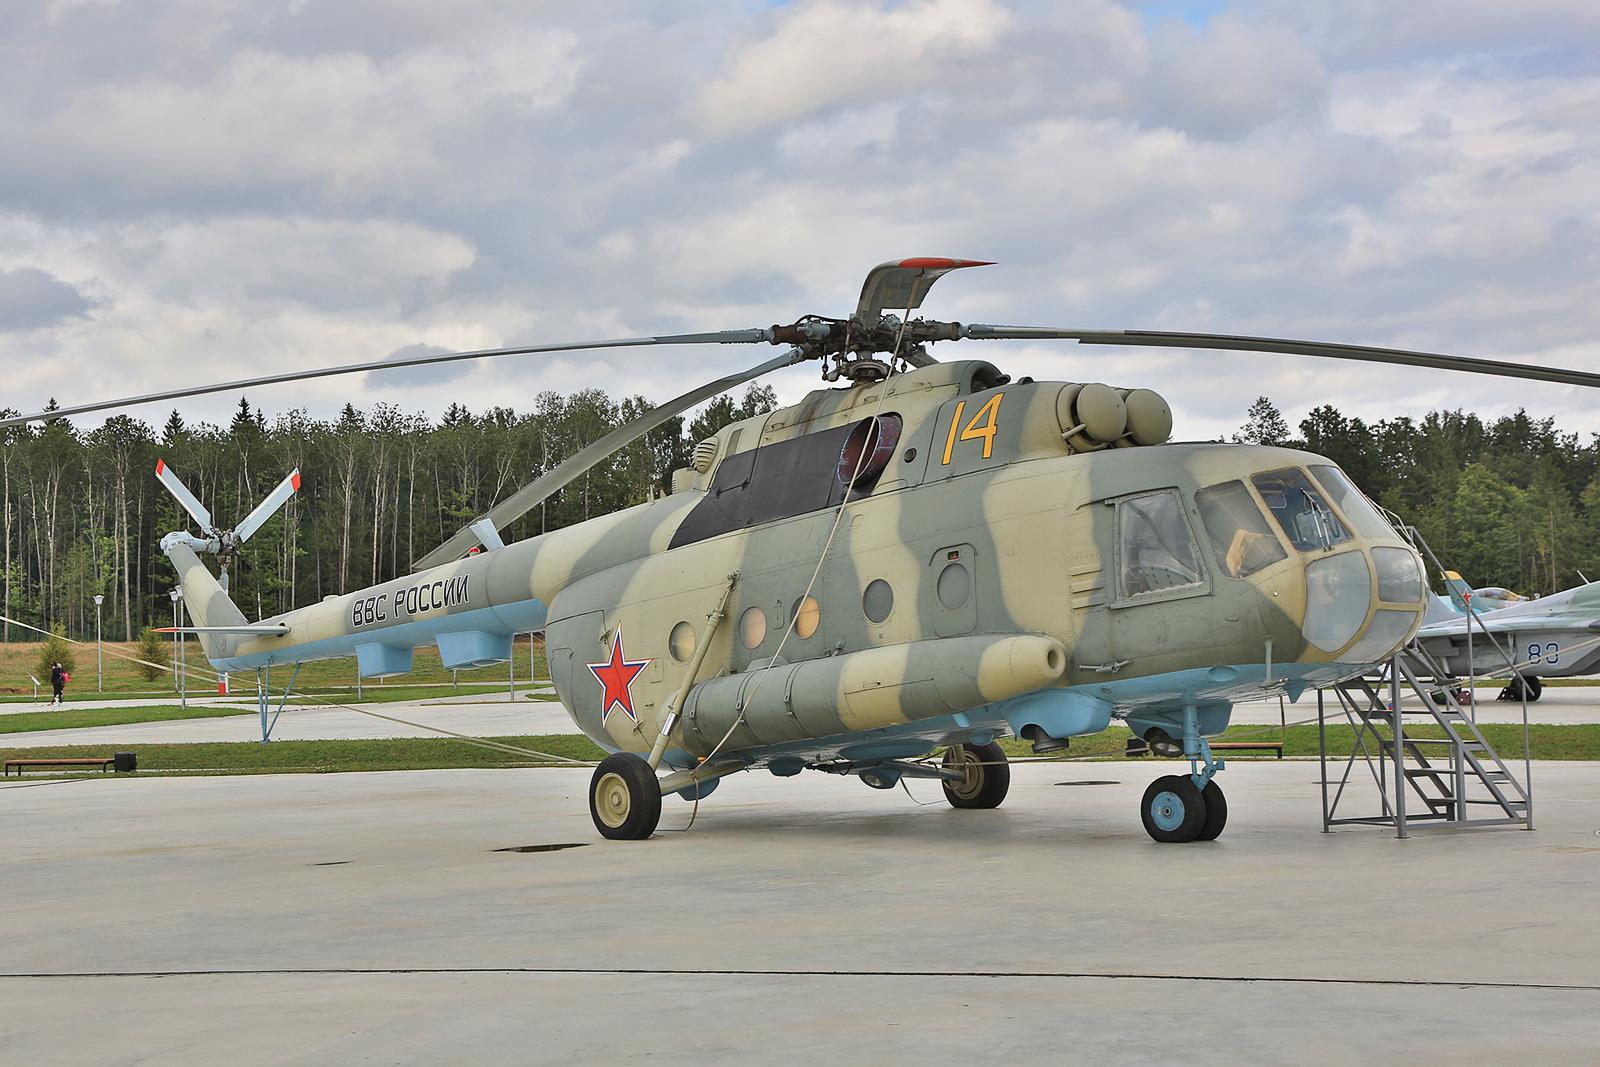 Der Transporthubschrauber Mil Mi-8 und seine Nachfolger suind bis heute das Arbeitspferd der Hubschrauberkräfte.